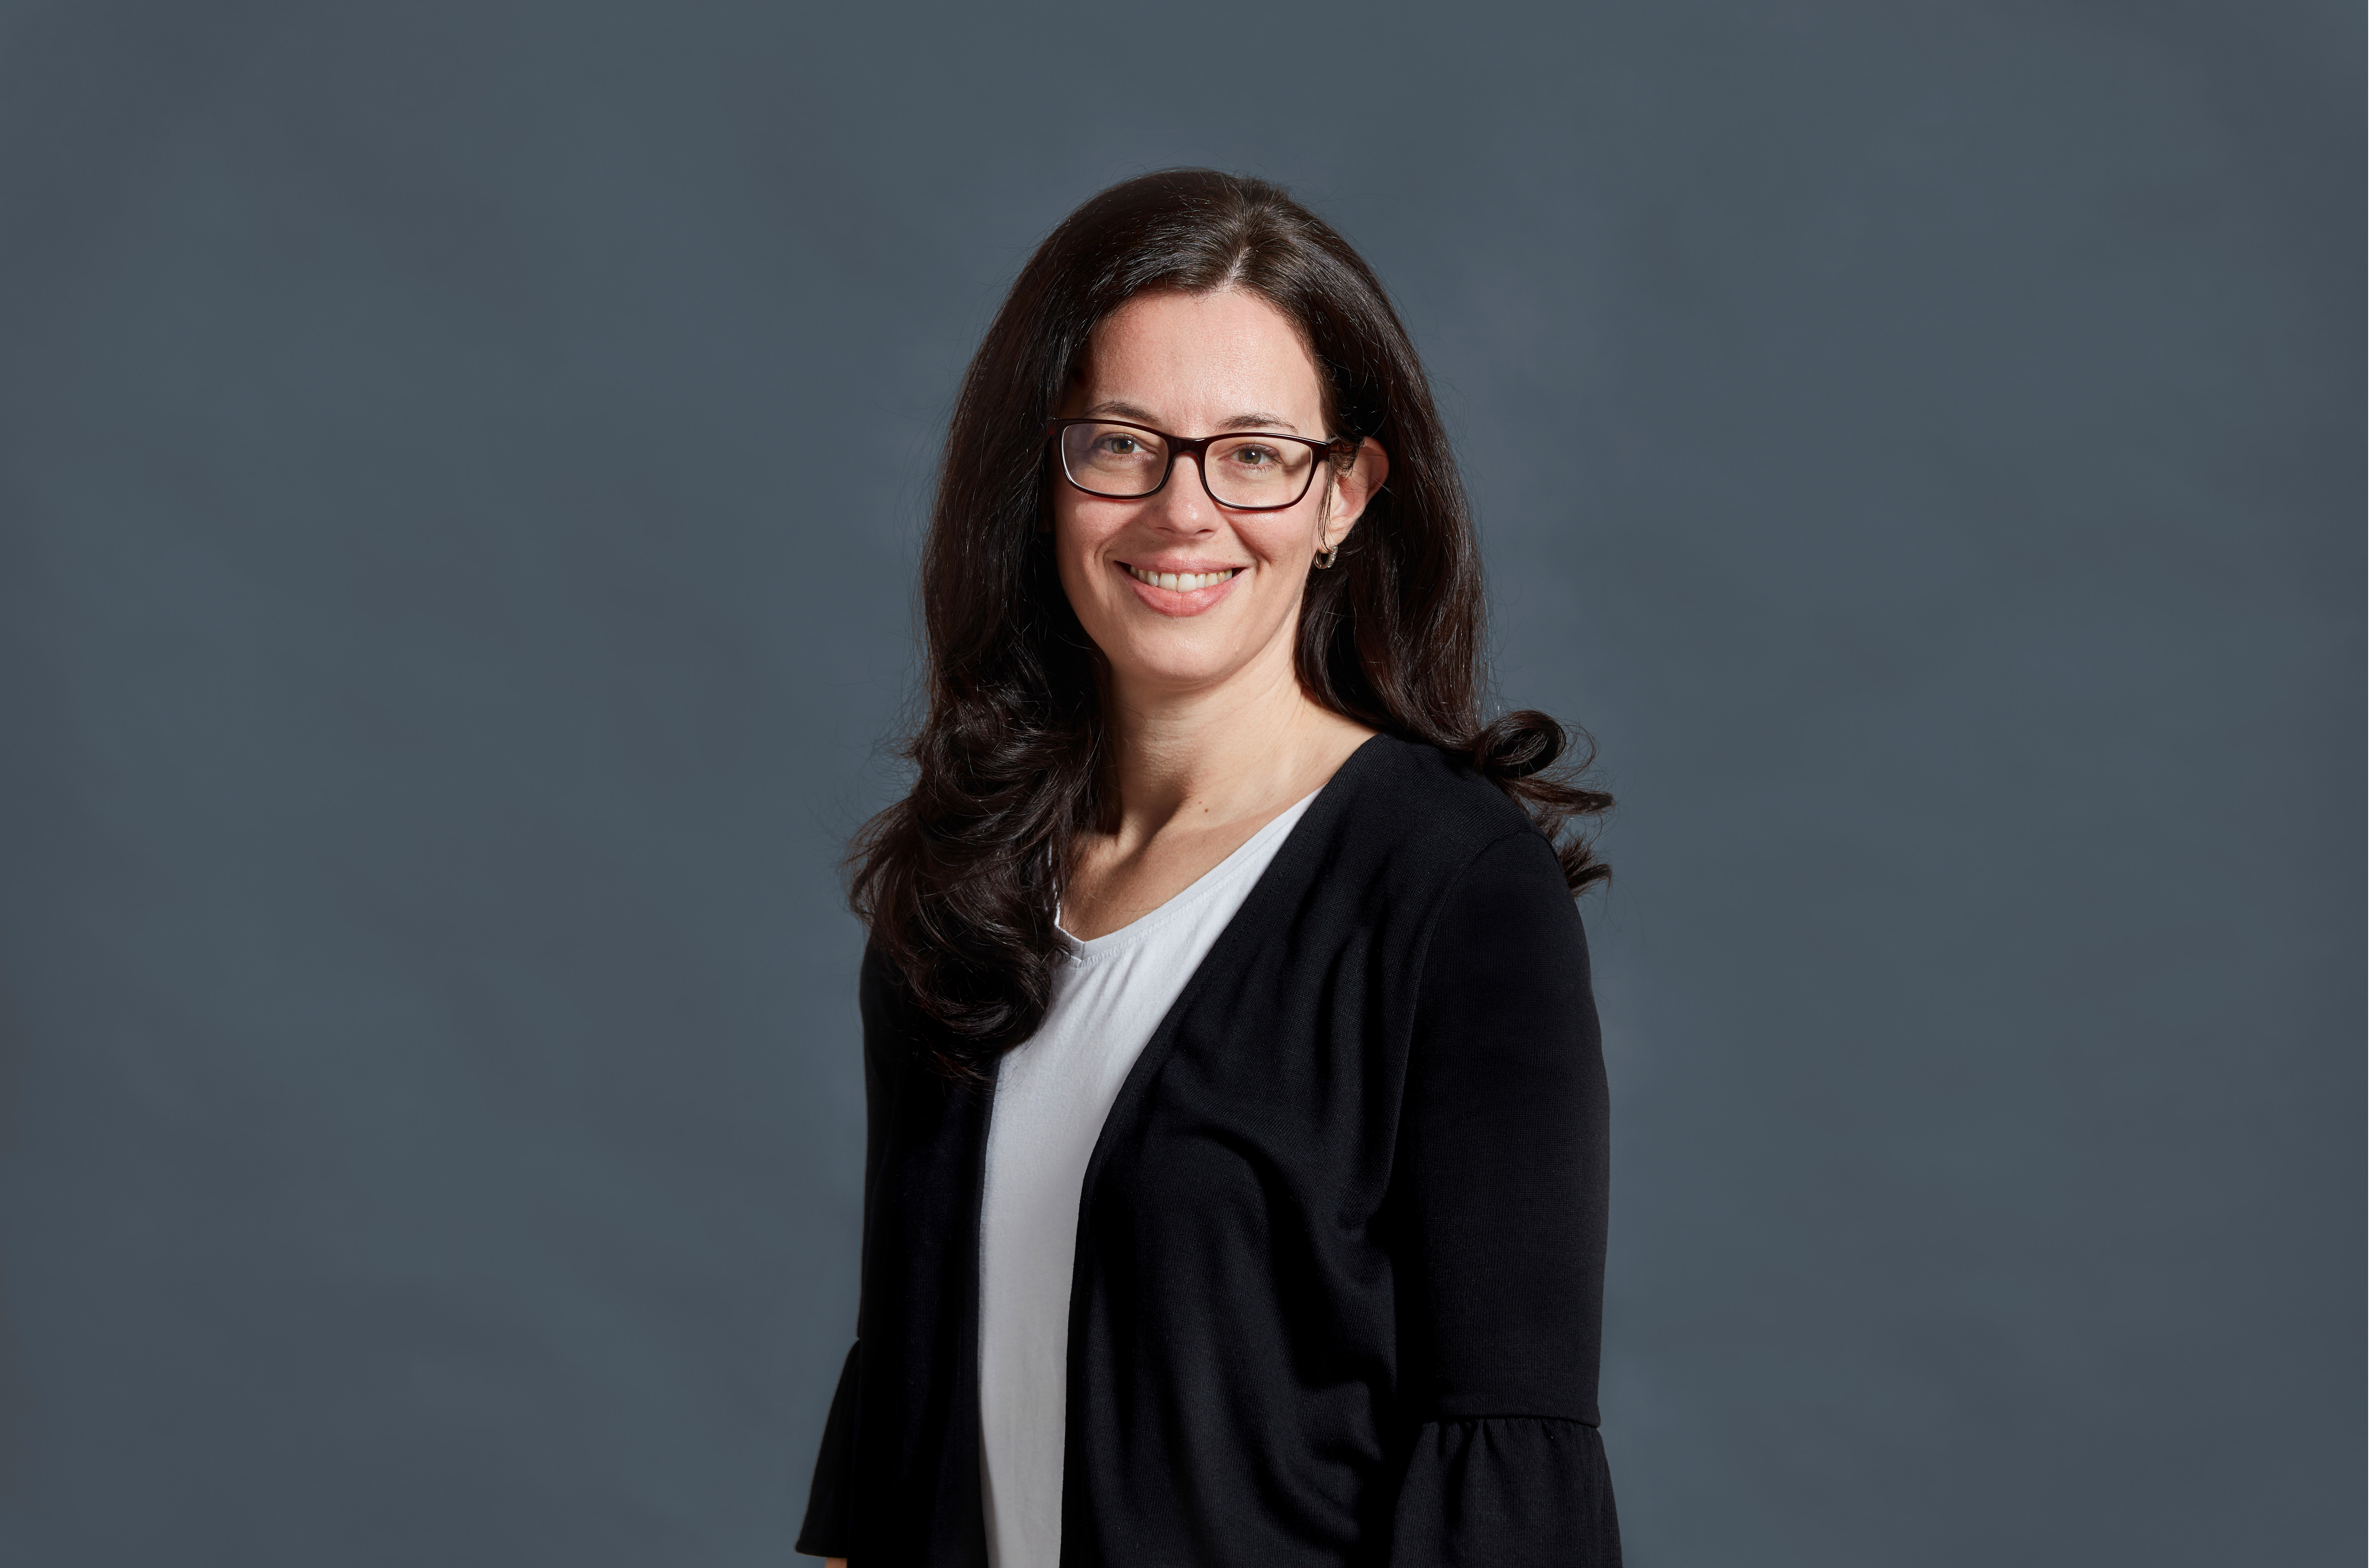 Ivana Uspenski wird Head of Insights und Channel Planning bei McCANN Worldgroup